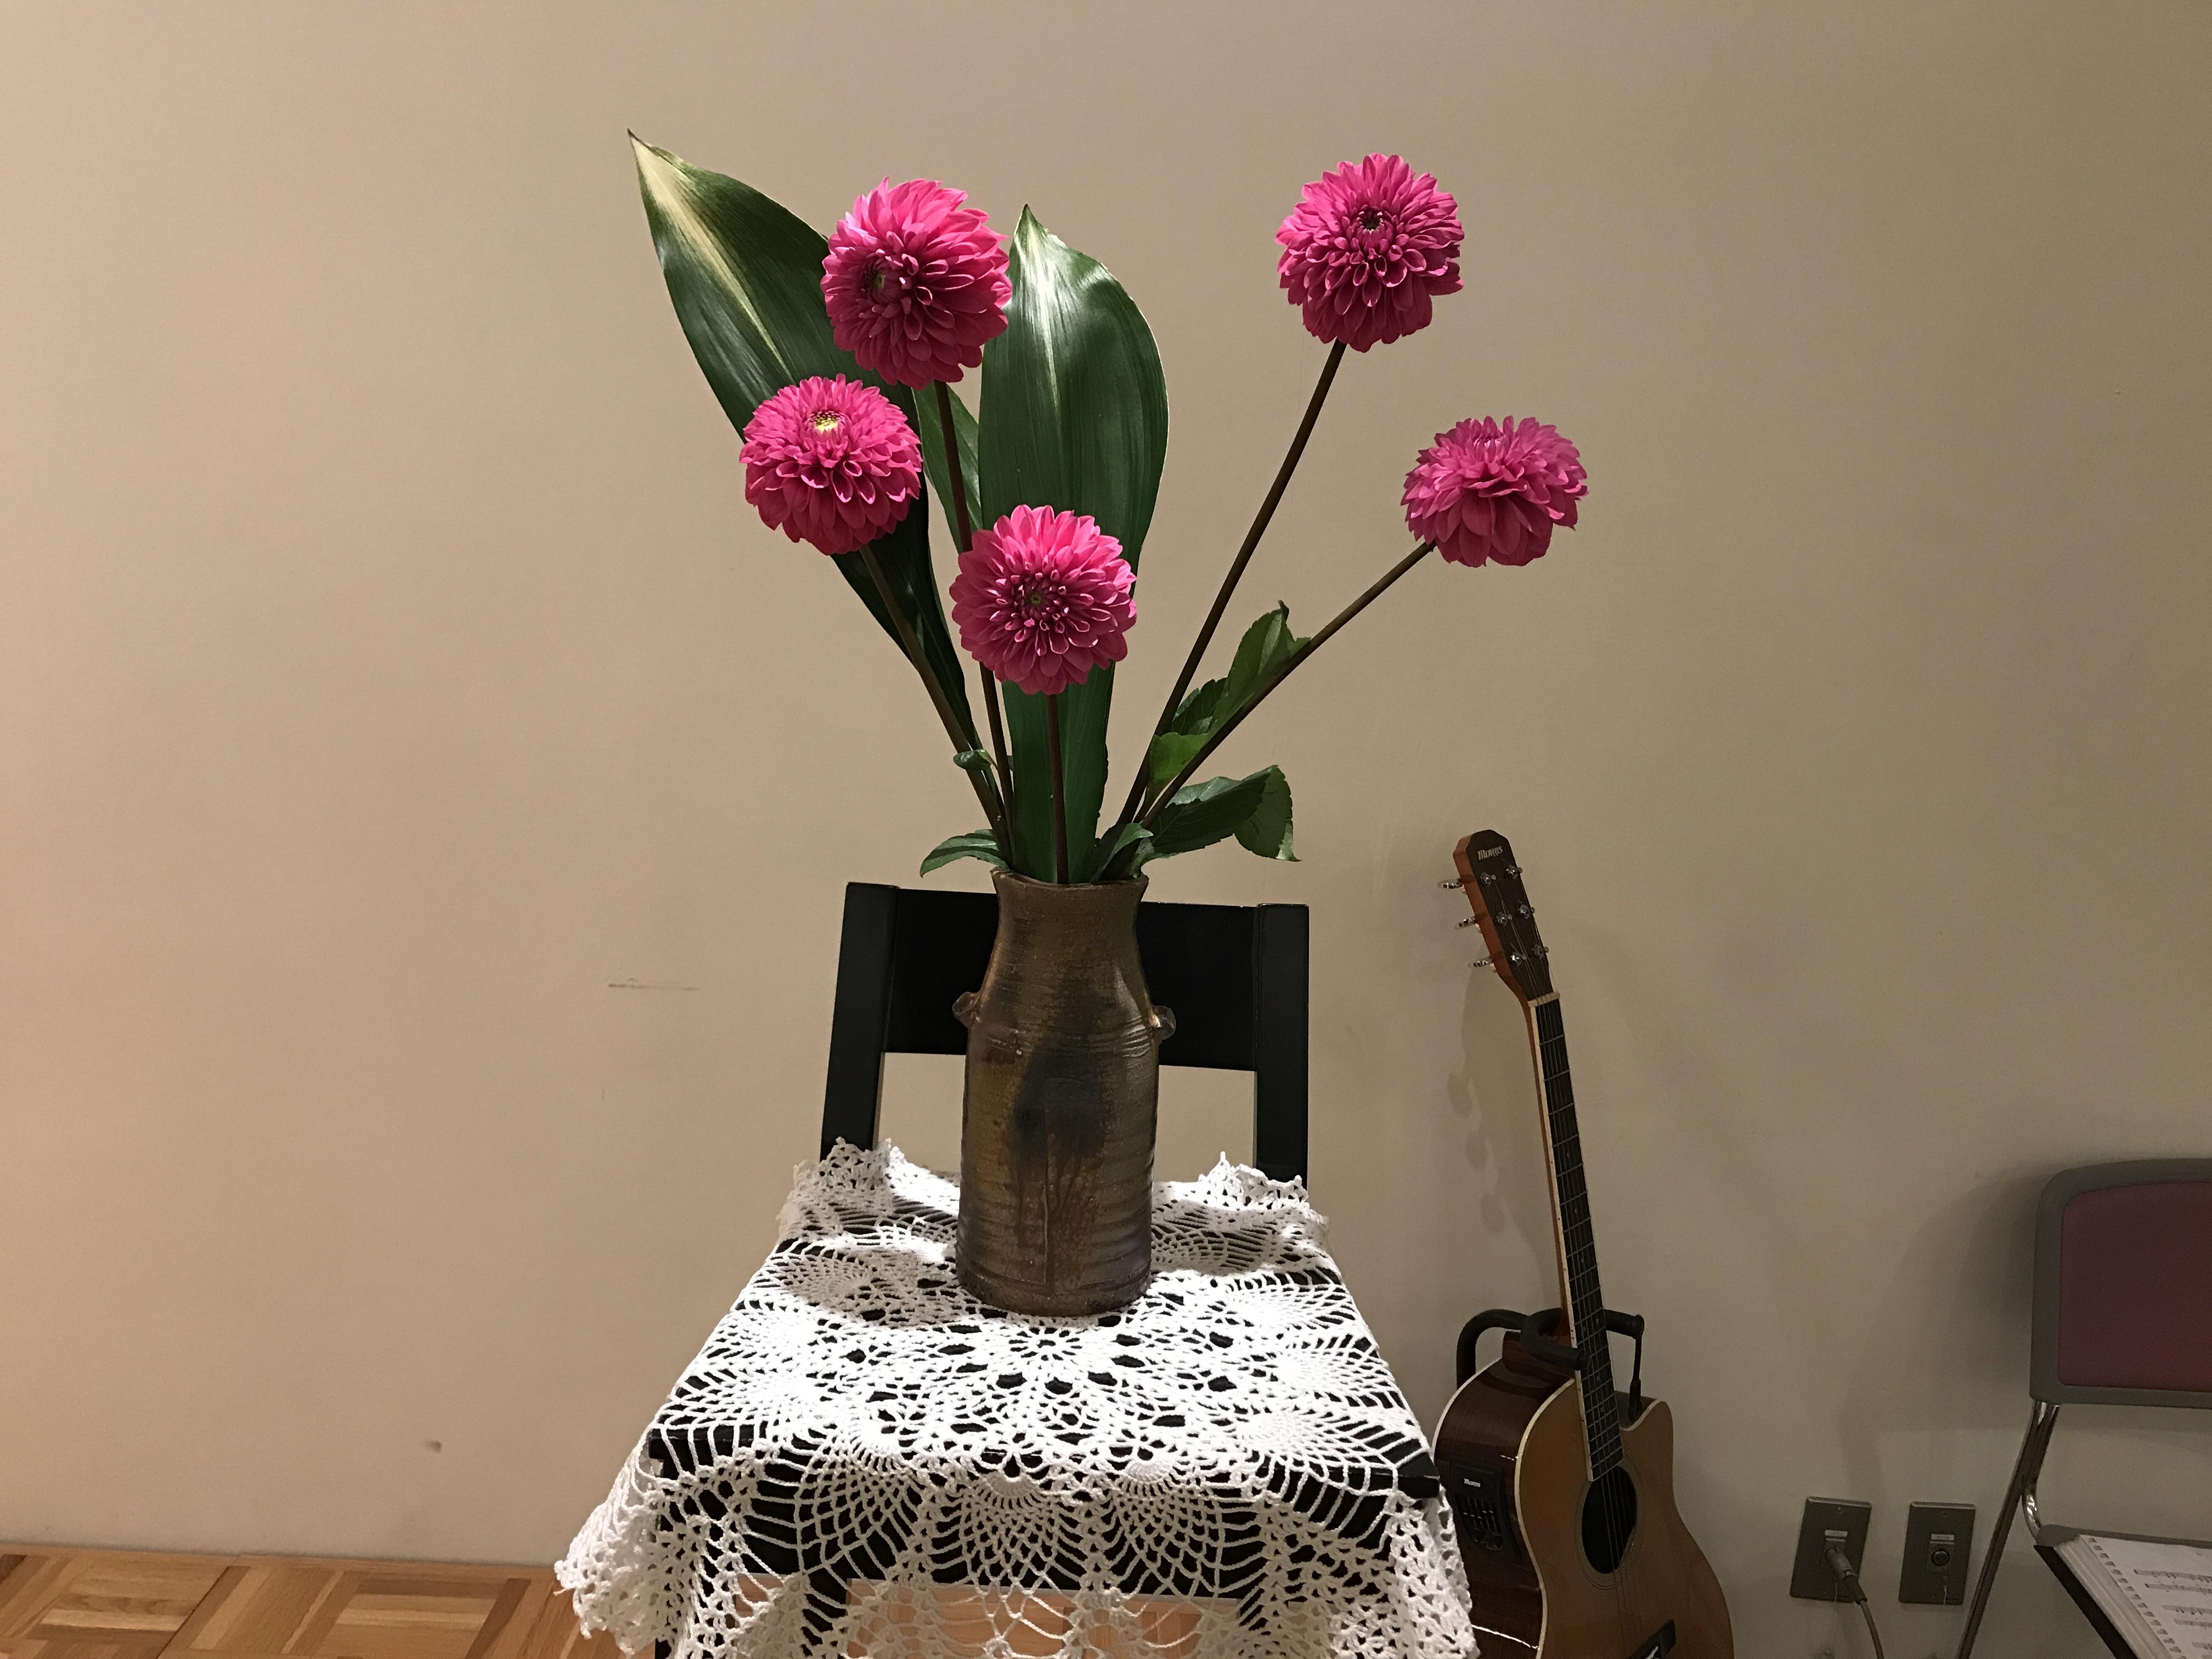 2017/10/15、聖日礼拝のお花